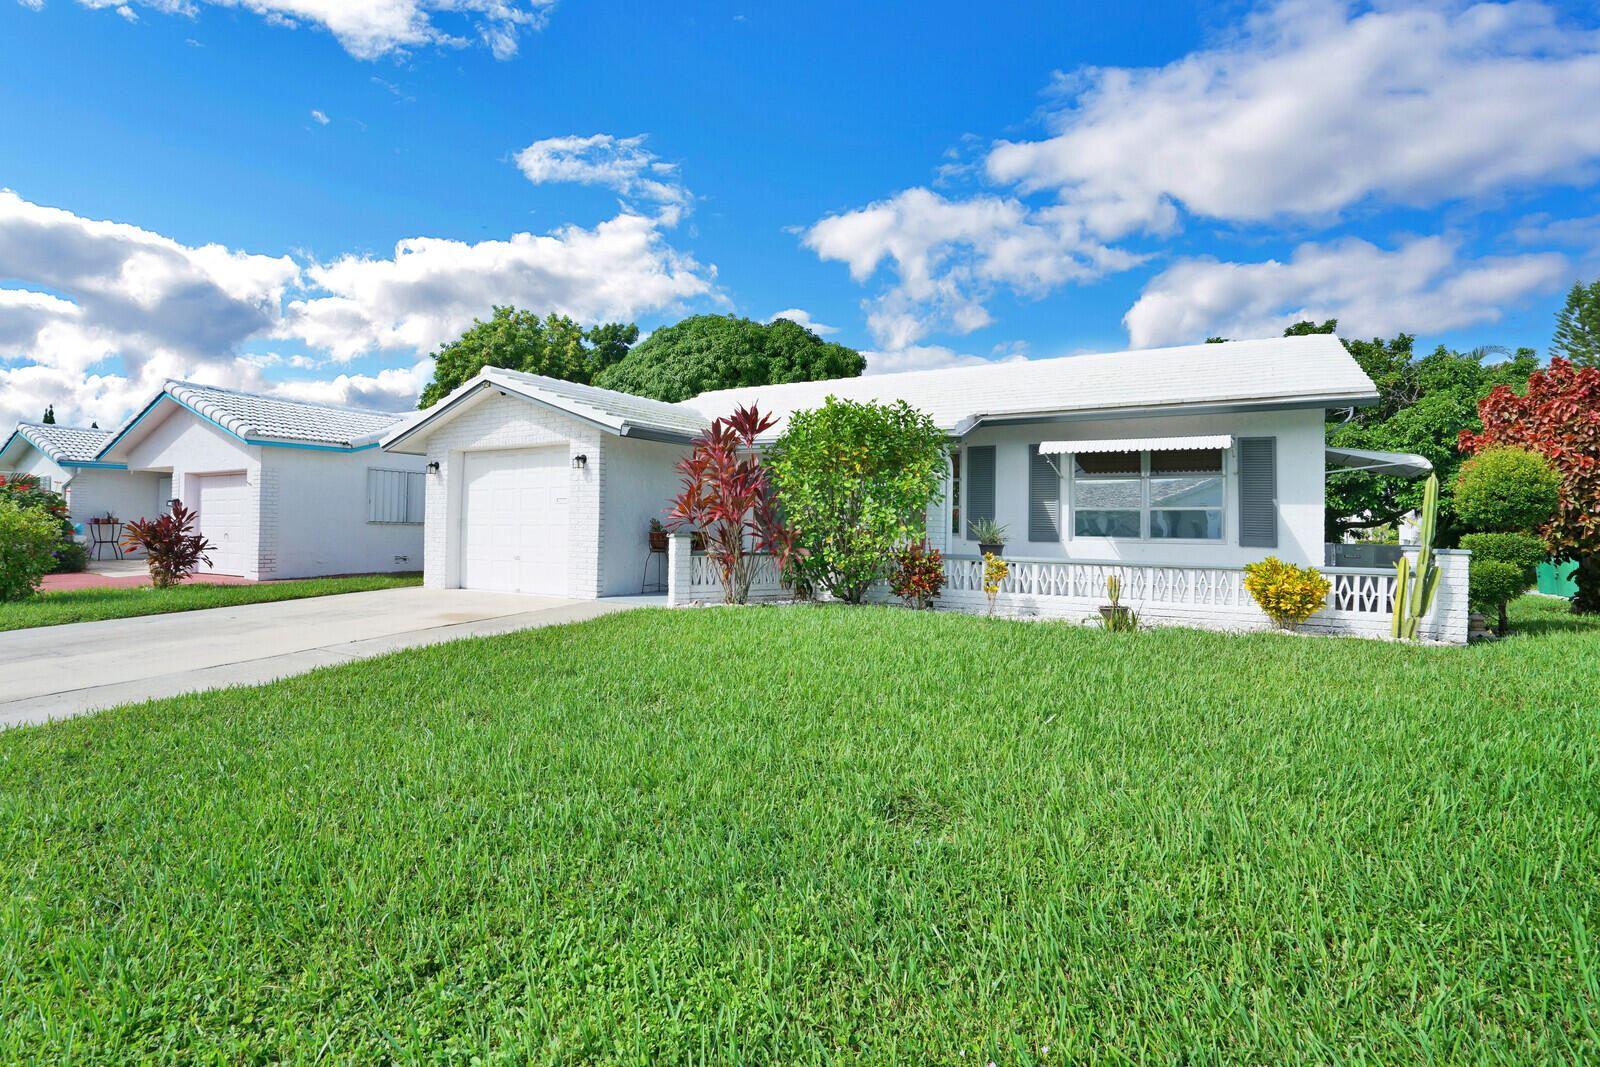 7505 NW 66th Terrace, Tamarac, FL 33321 - MLS#: RX-10749391